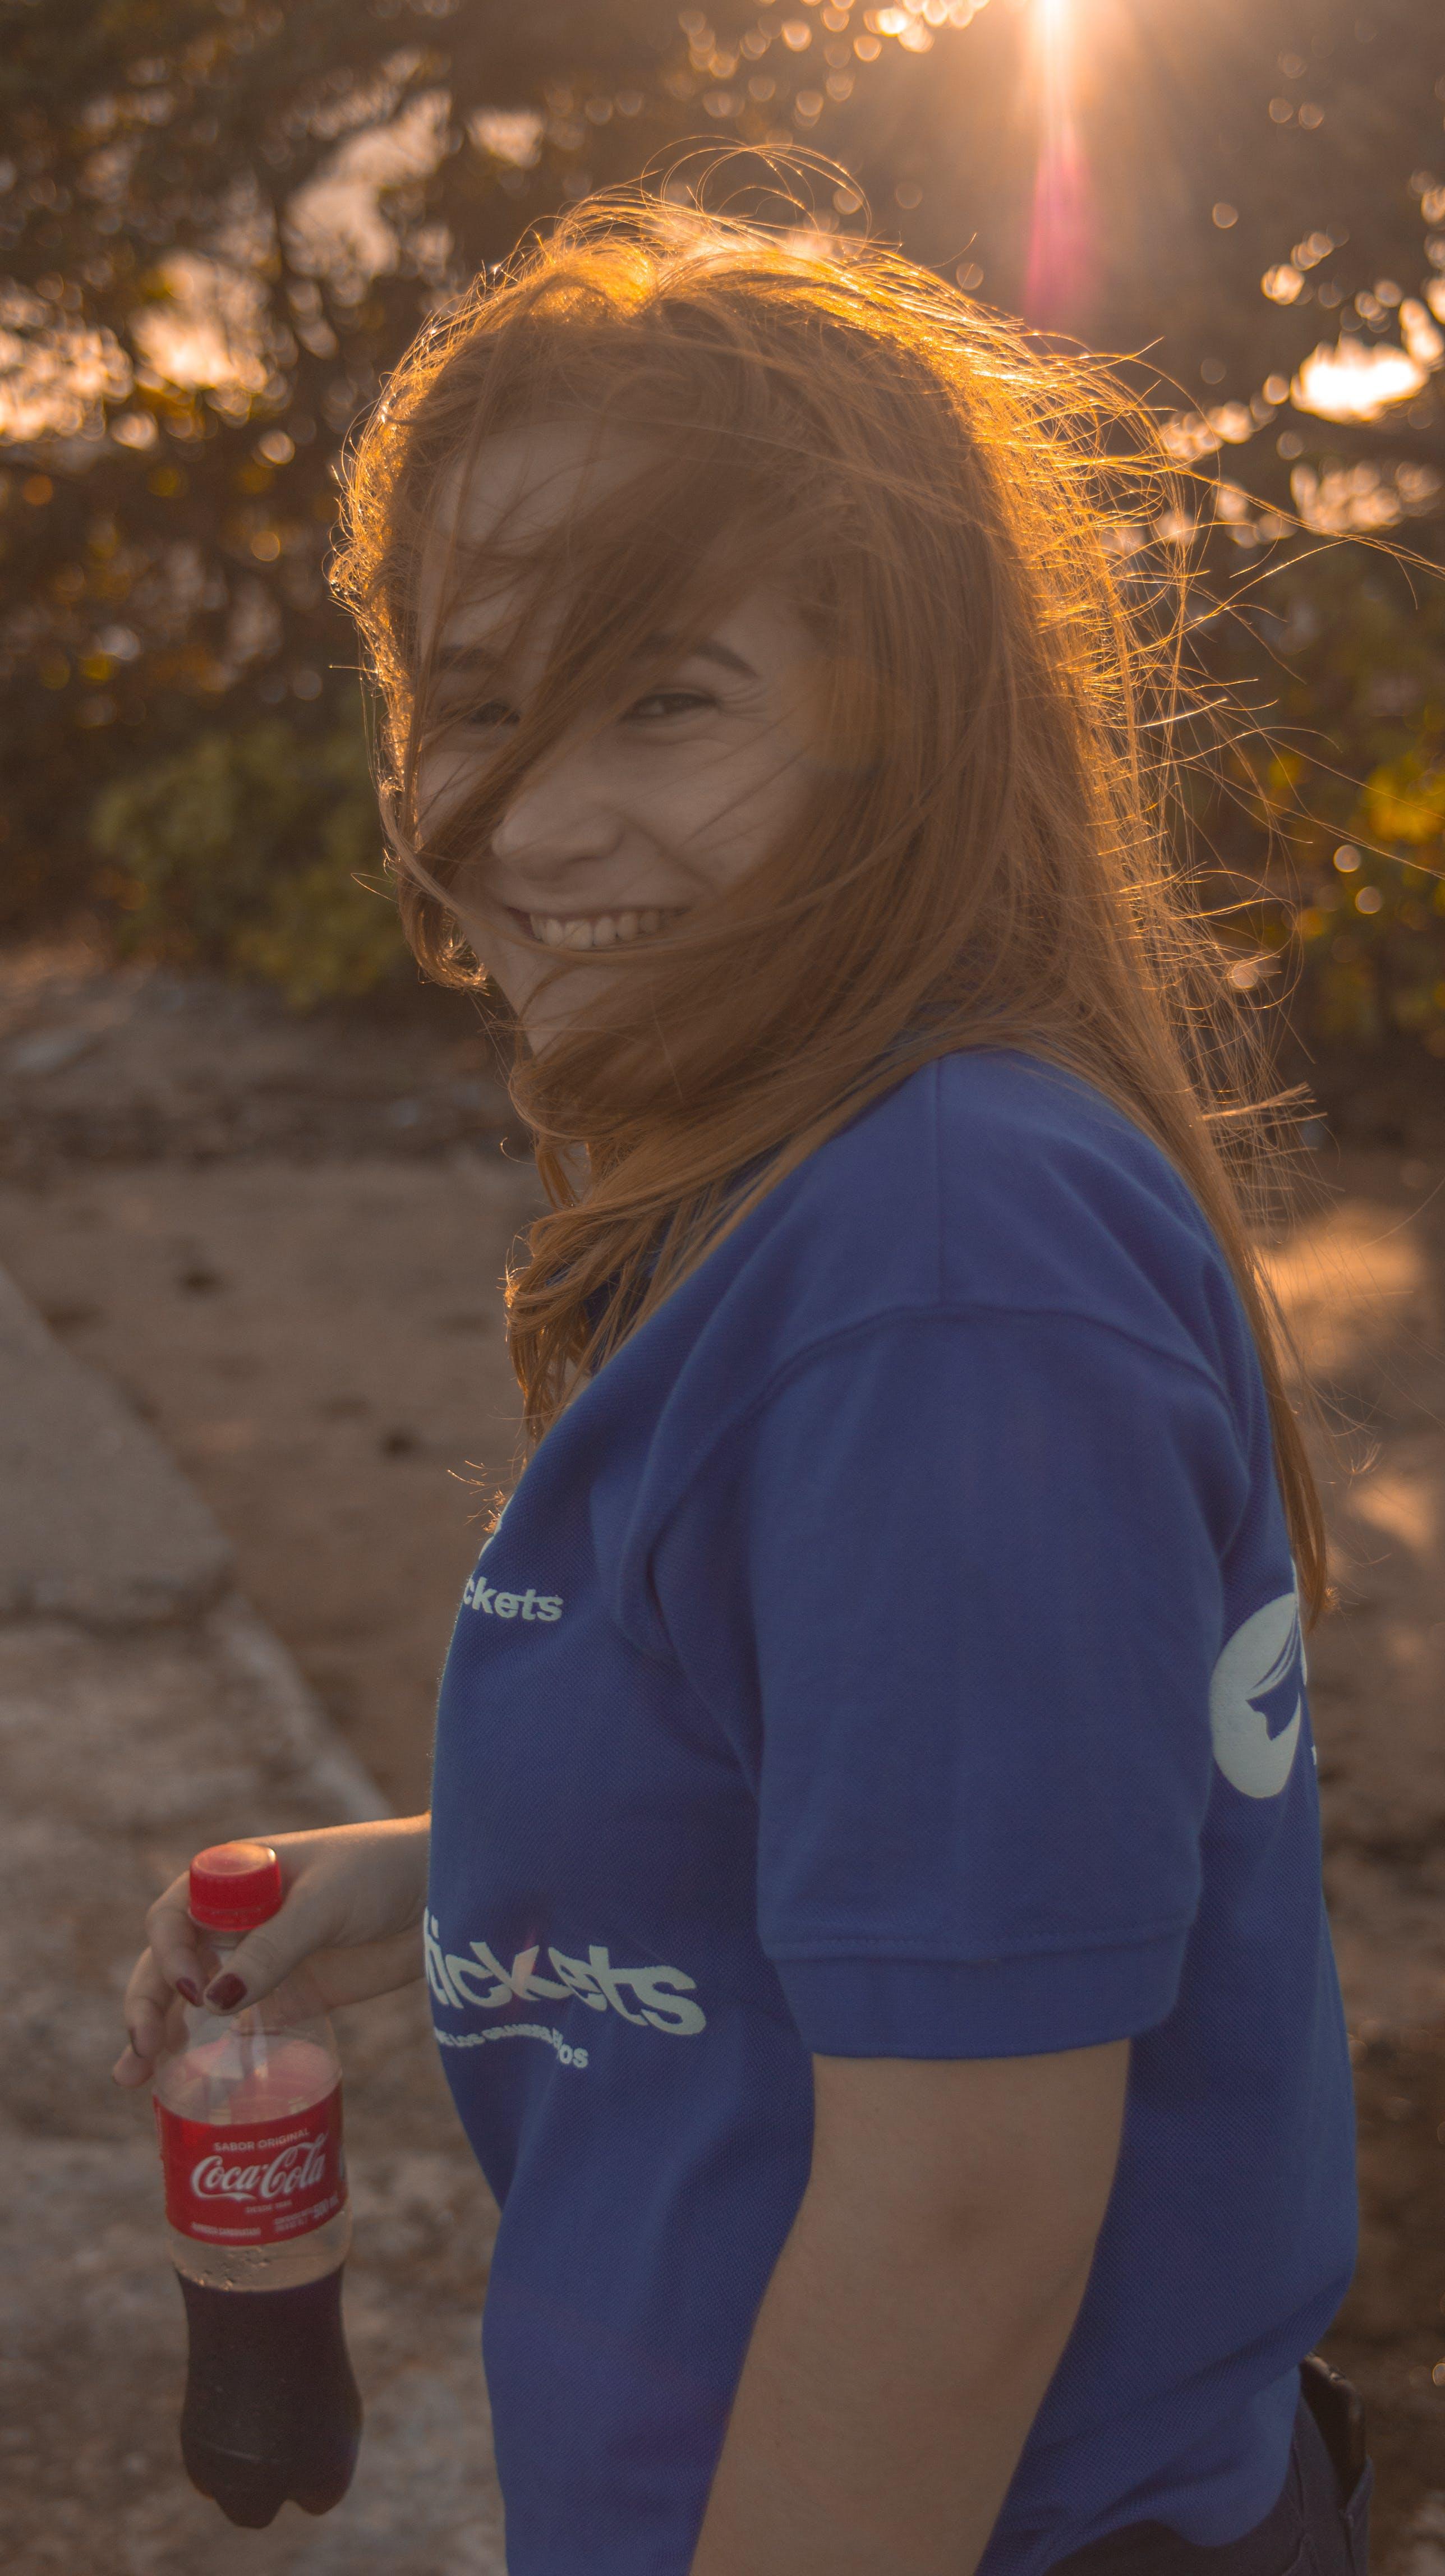 Foto profissional grátis de atraente, azul, cabelo, Coca Cola